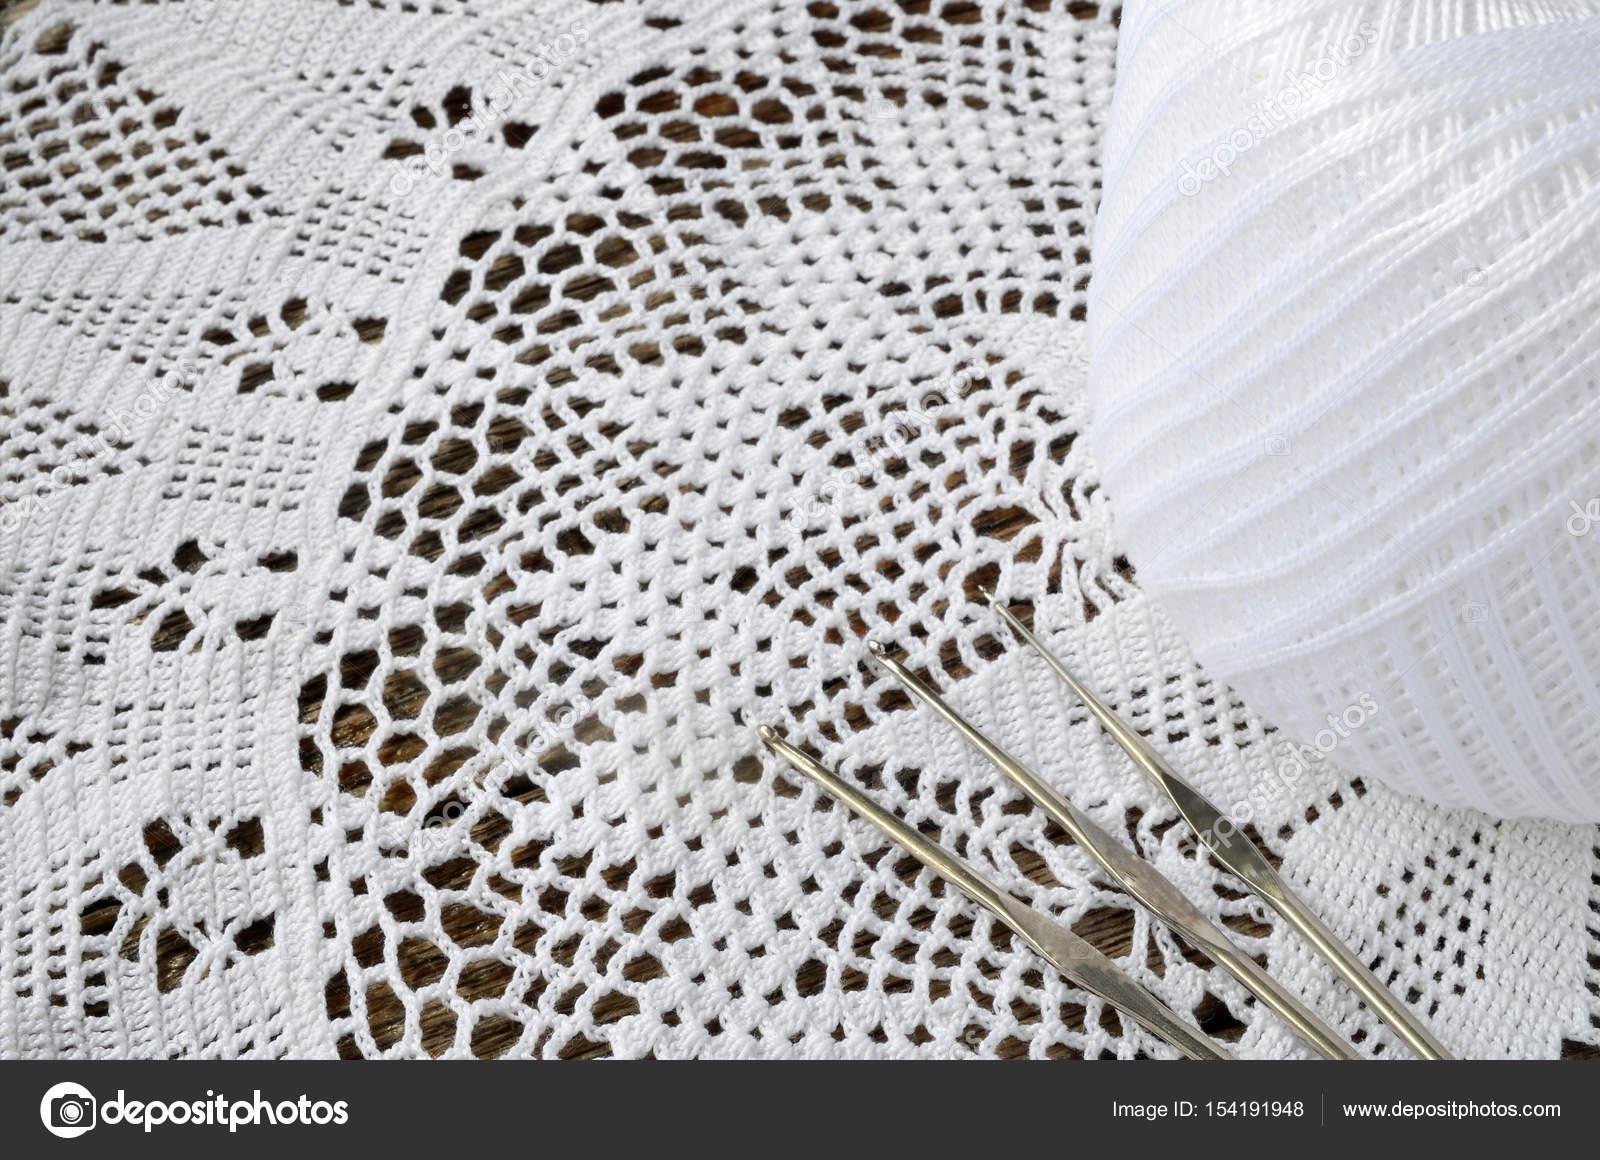 Spitzen-Deckchen häkeln — Stockfoto © shutterbug68 #154191948